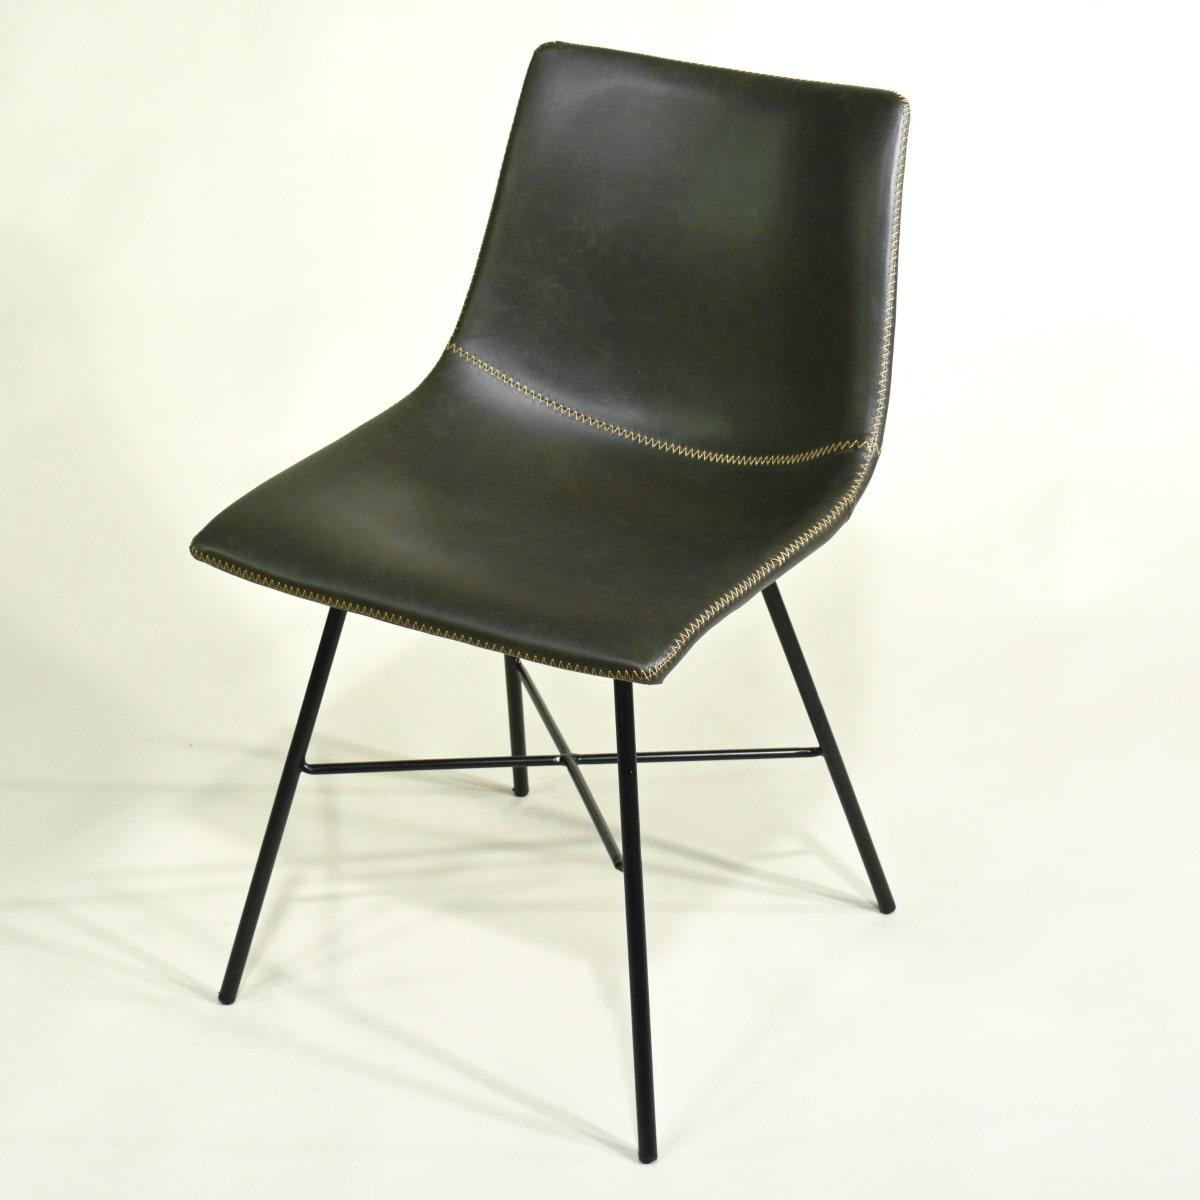 Gepolsterter Stuhl anthrazit Industrial Style